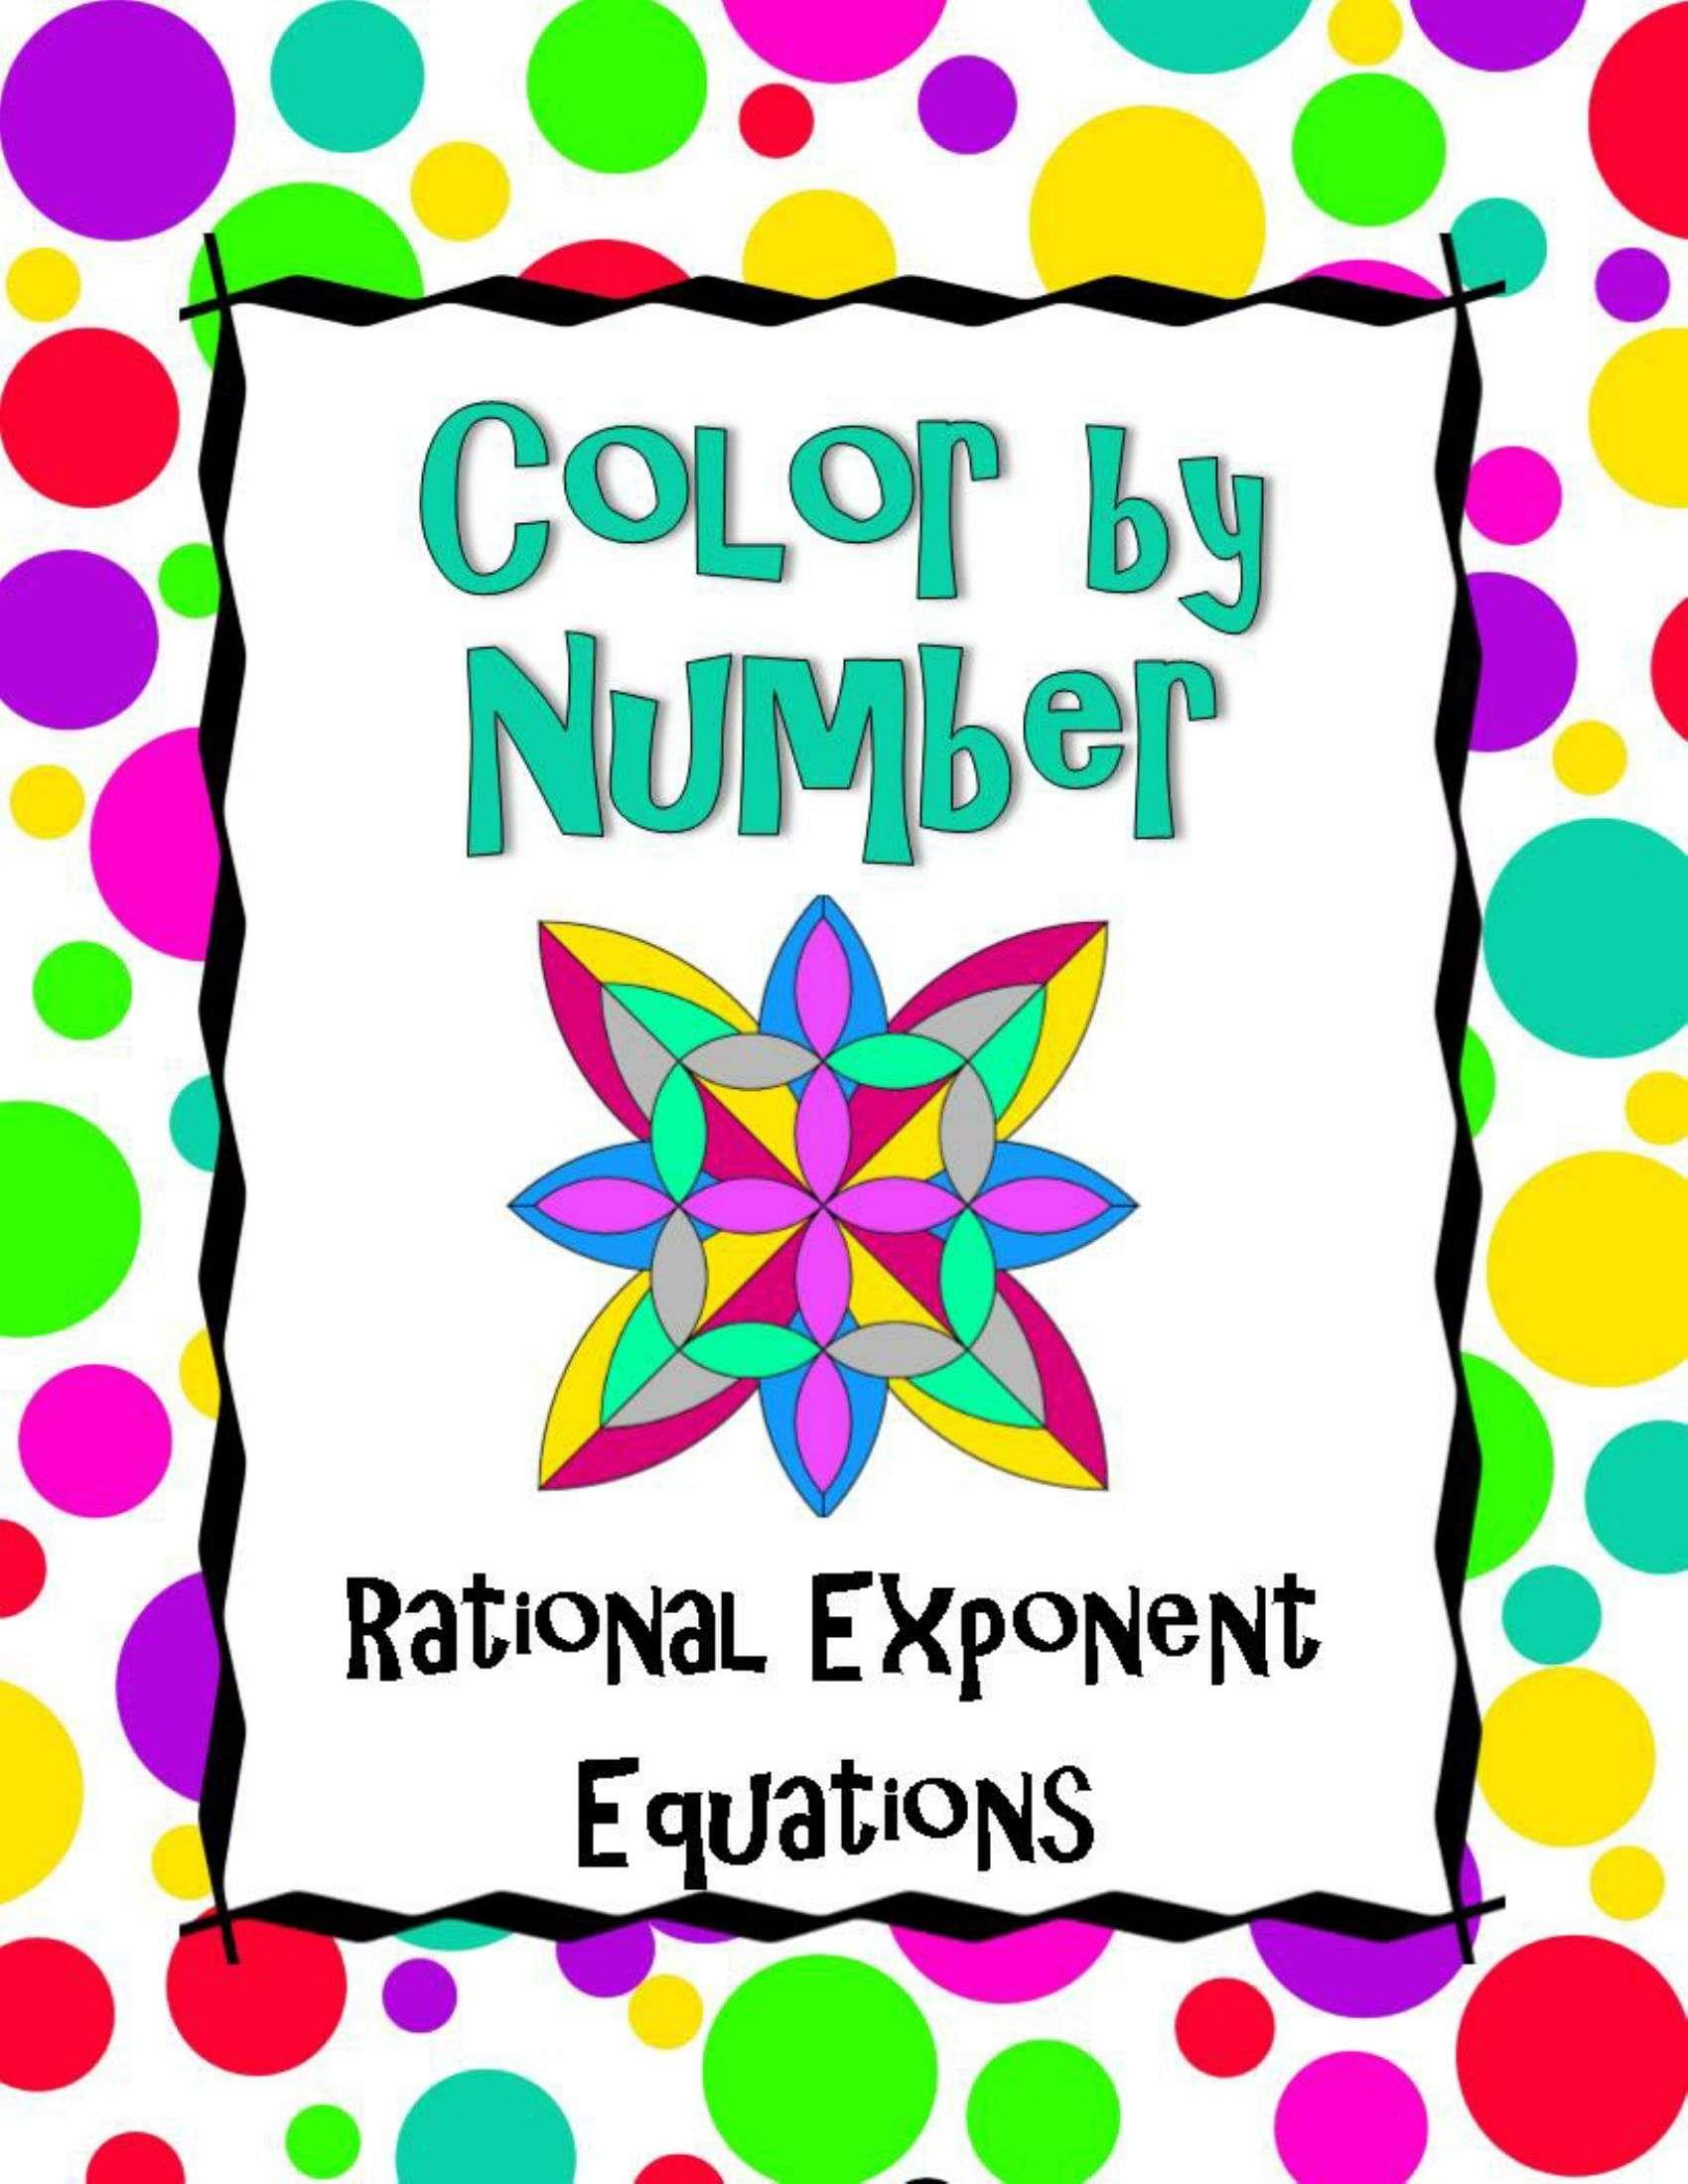 Algebra 2 Color By Number Mega Bundle 30 Activities For Skills Practice Solving Quadratic Equations Quadratics Equations [ 2200 x 1700 Pixel ]